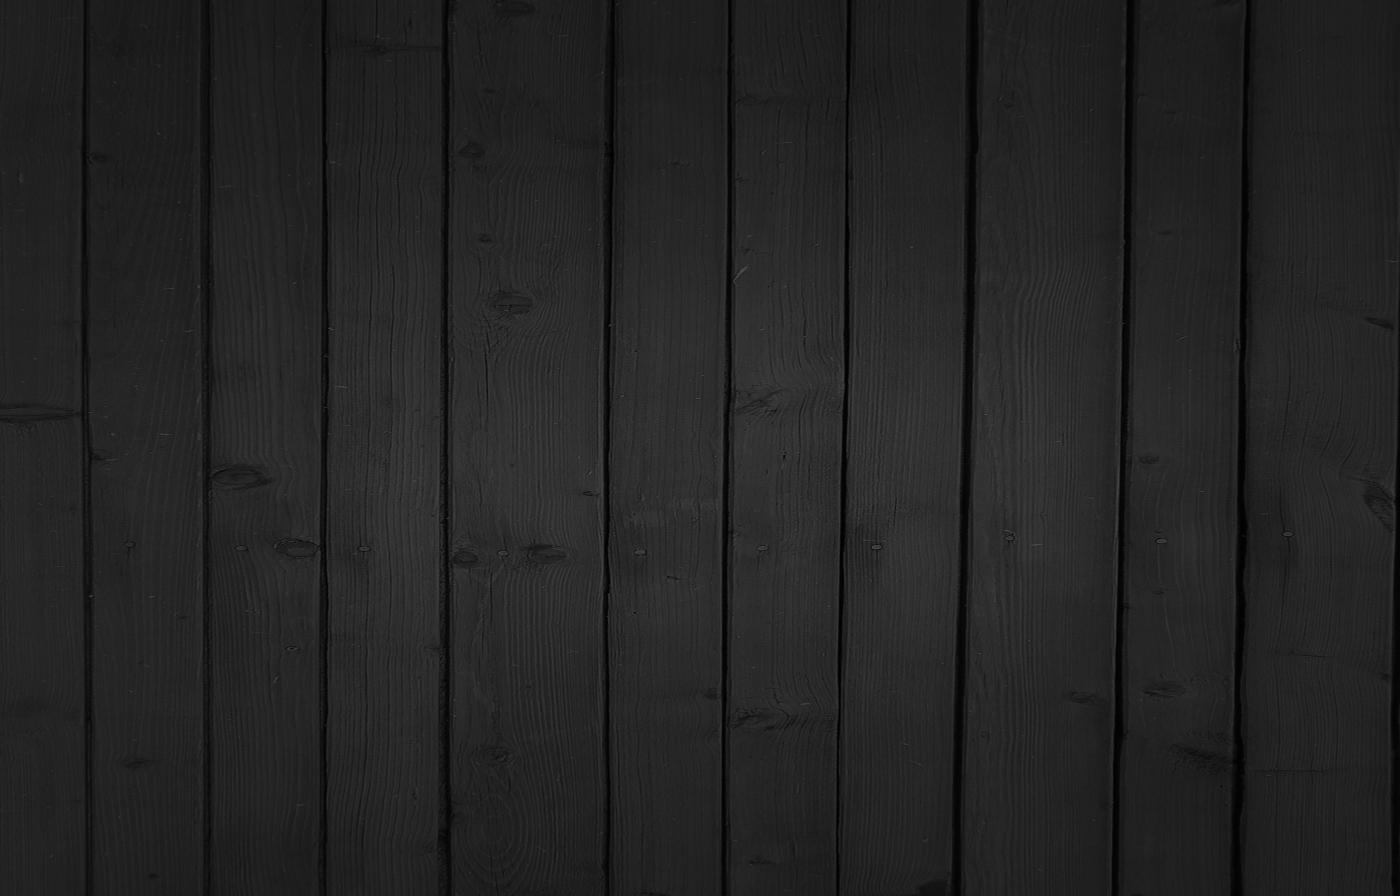 Black-Wood-Floor-Wallpaper-5